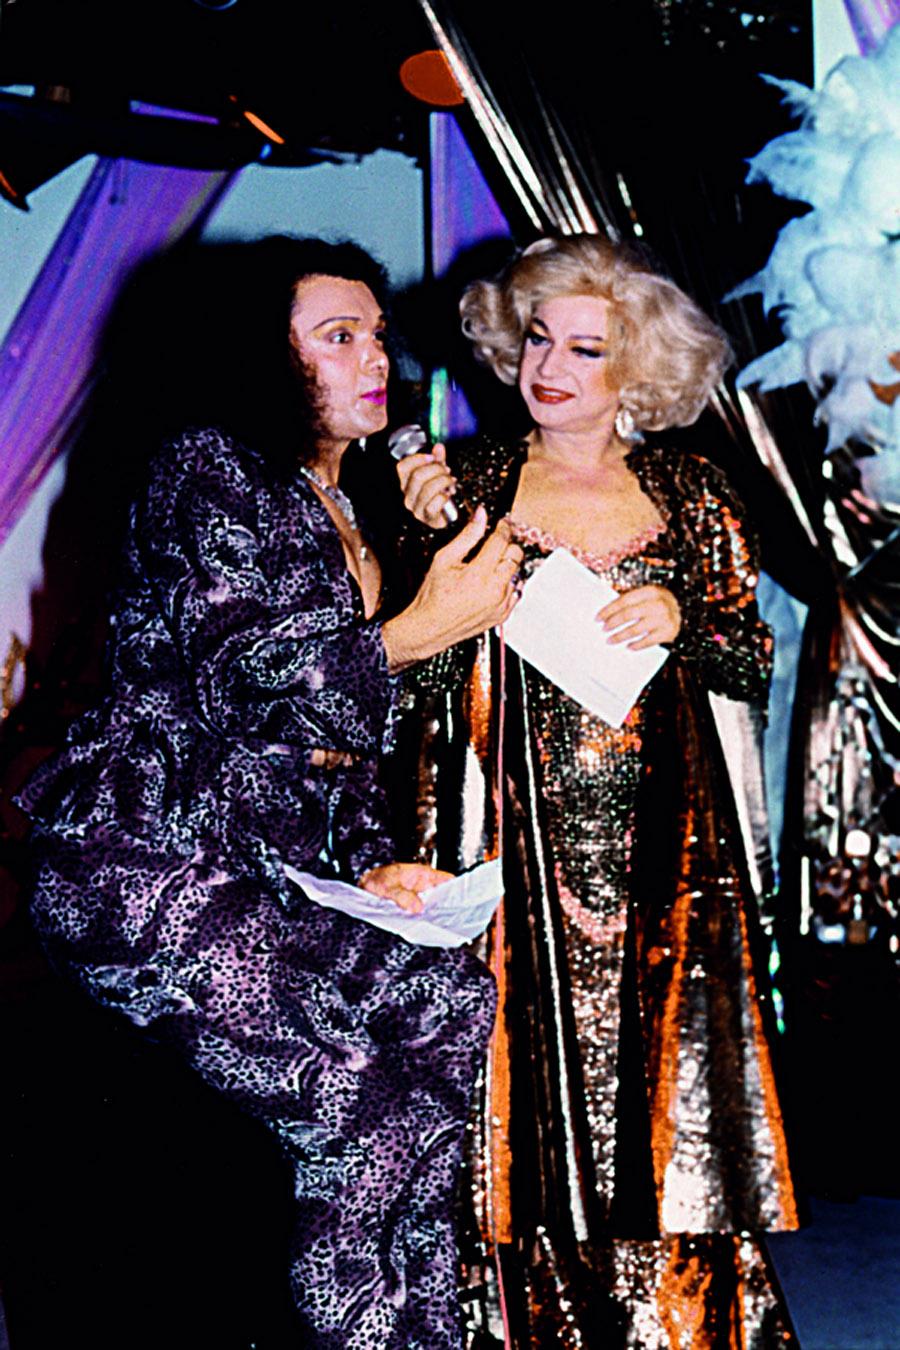 Ela sabia quem deveria tratar bem e quem era marginal, afirma Miss Biá, a mais antiga travesti do Brasil, com Andréia na Nostromondo